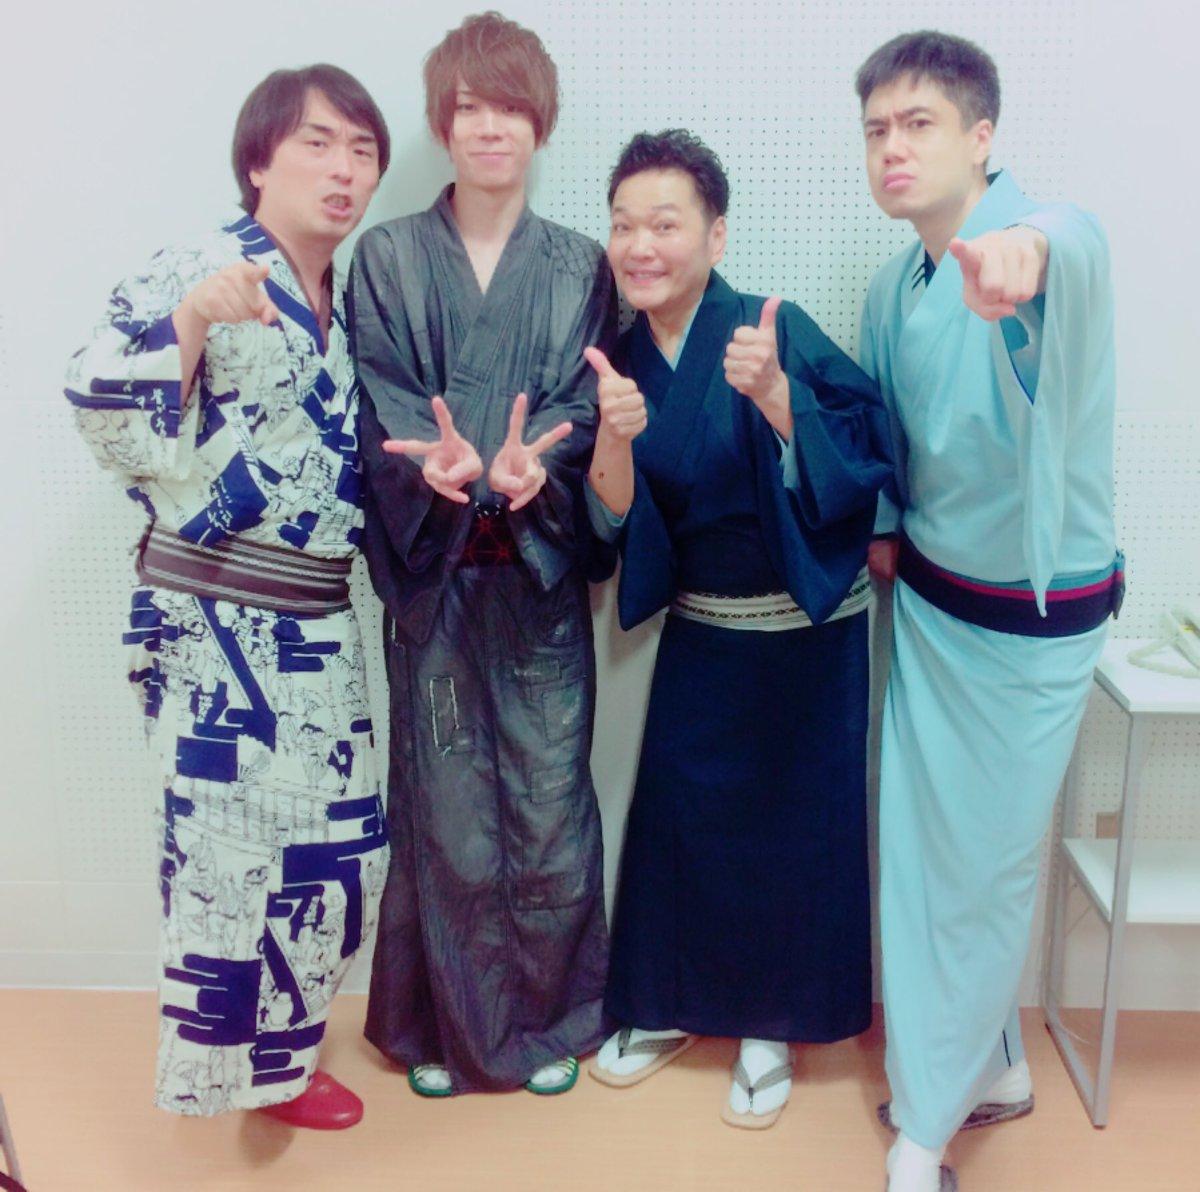 志ら乃師匠、関智一さん、山口勝平さん、高塚智人さんの落語会「大塚でヤル会」にお伺いしてきました。江戸っ子がかわいい爆笑噺